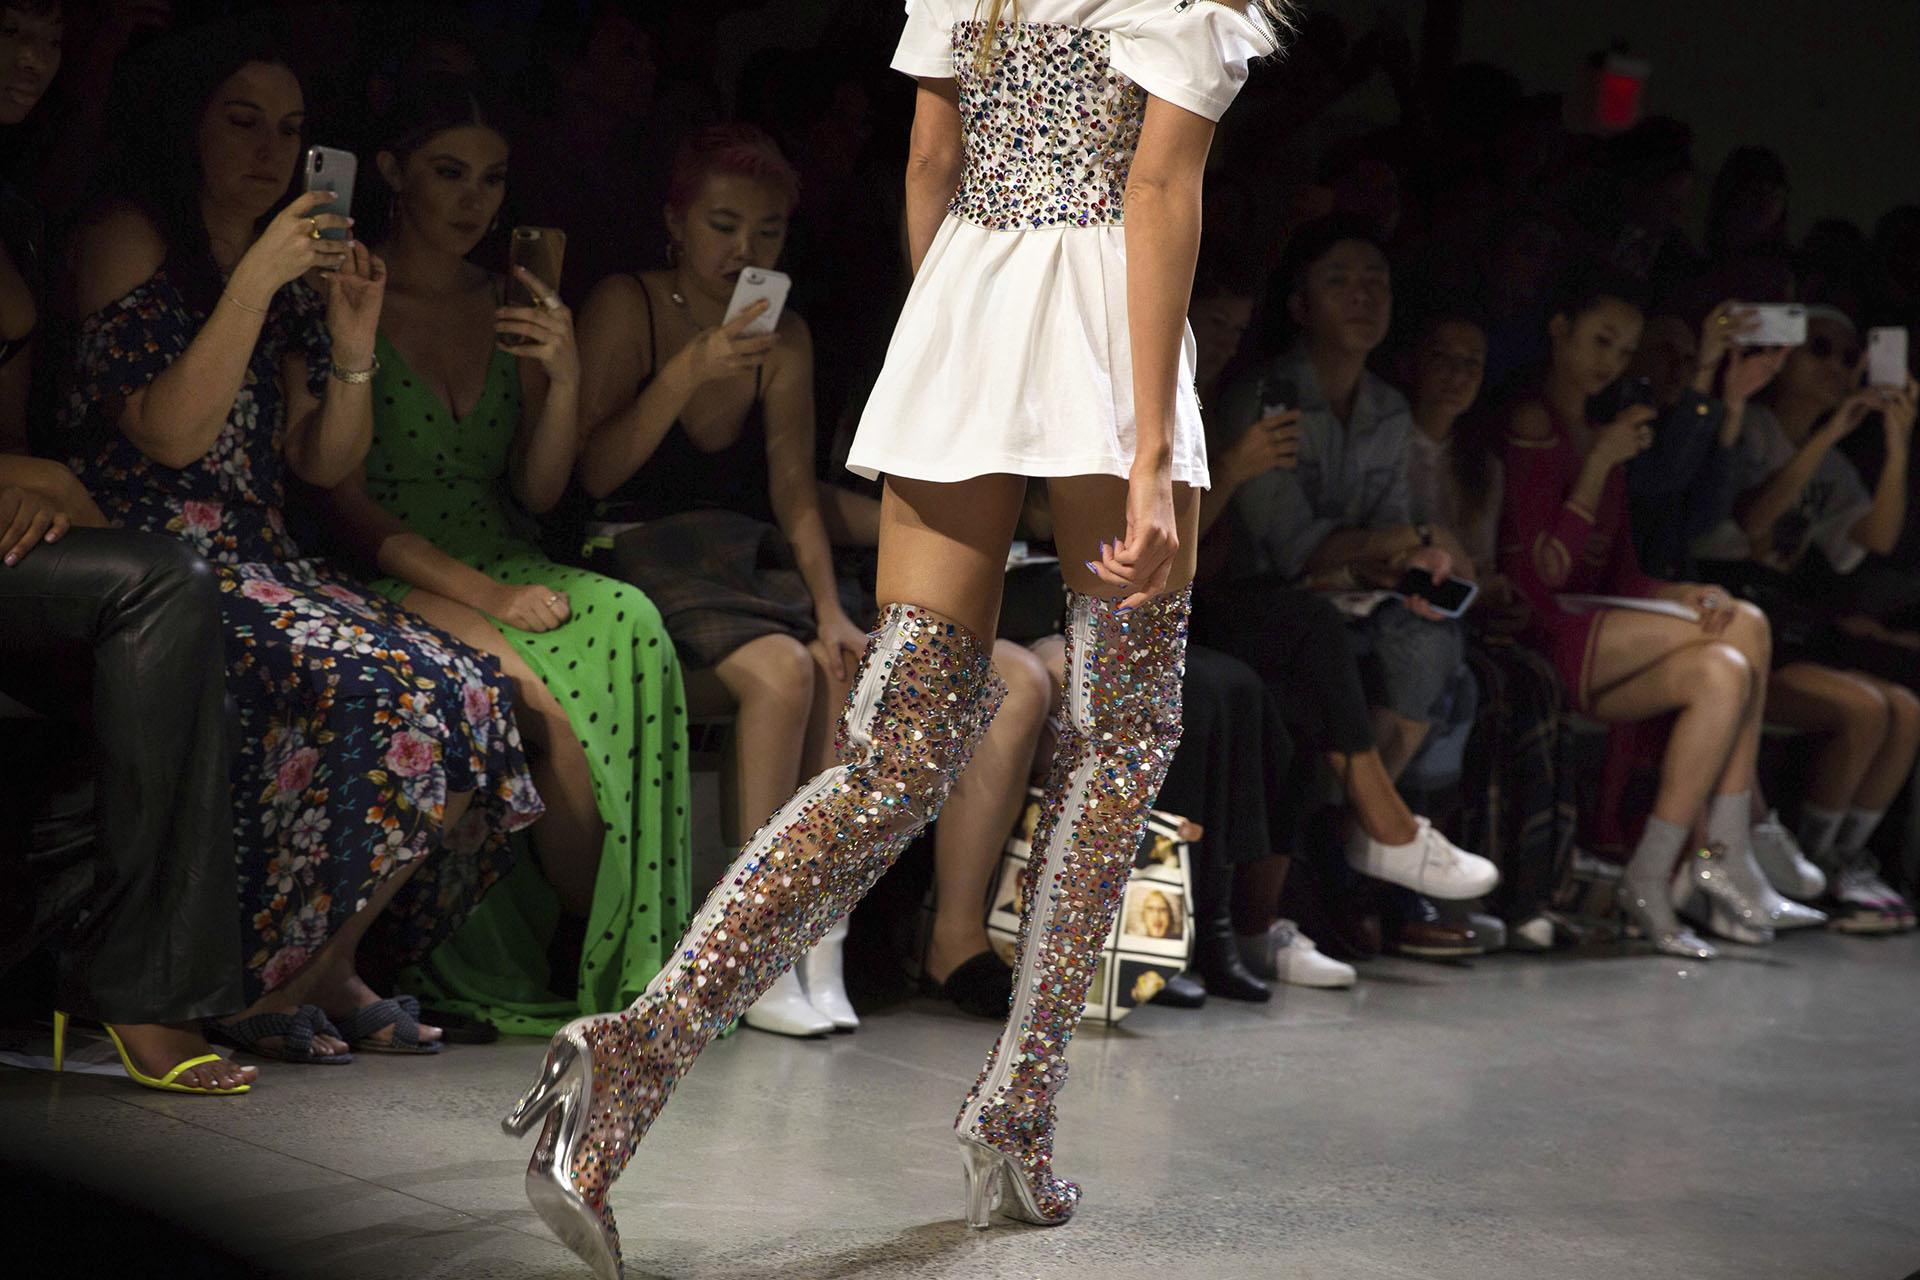 Vertiginosas, llamativas y súper exclusivas, las bucaneras de glitter y lentejuelas realizadas en PVC con taco de acrílico de la temporada de verano 2019. Este modelo de zapato se repitió en varios looks del diseñador sobre la pasarela.